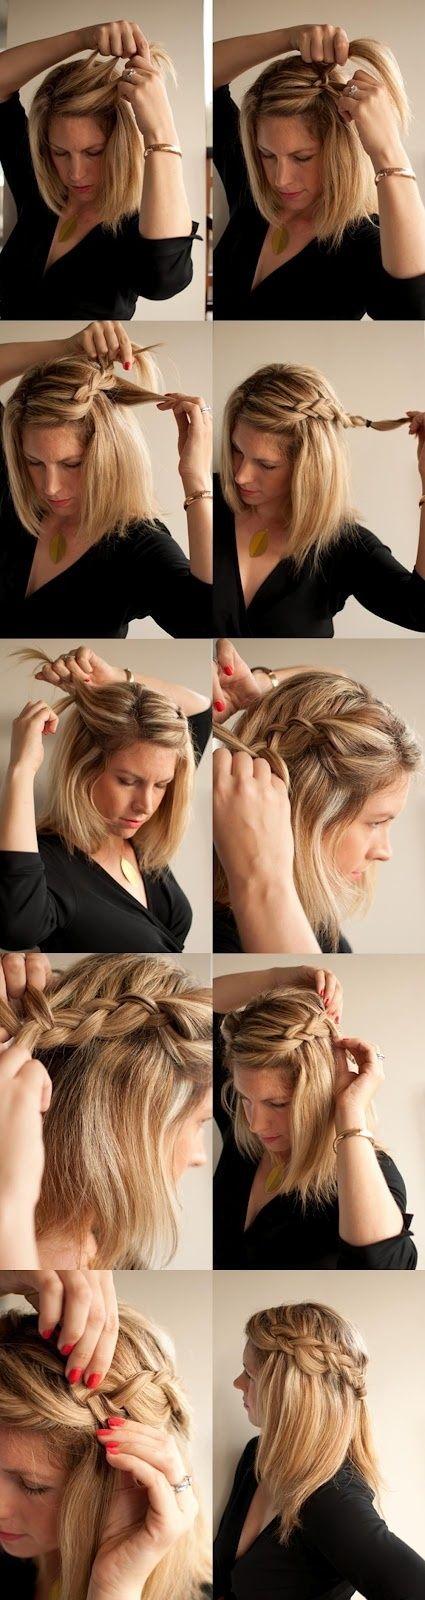 Peinados faciles para diario pelo corto